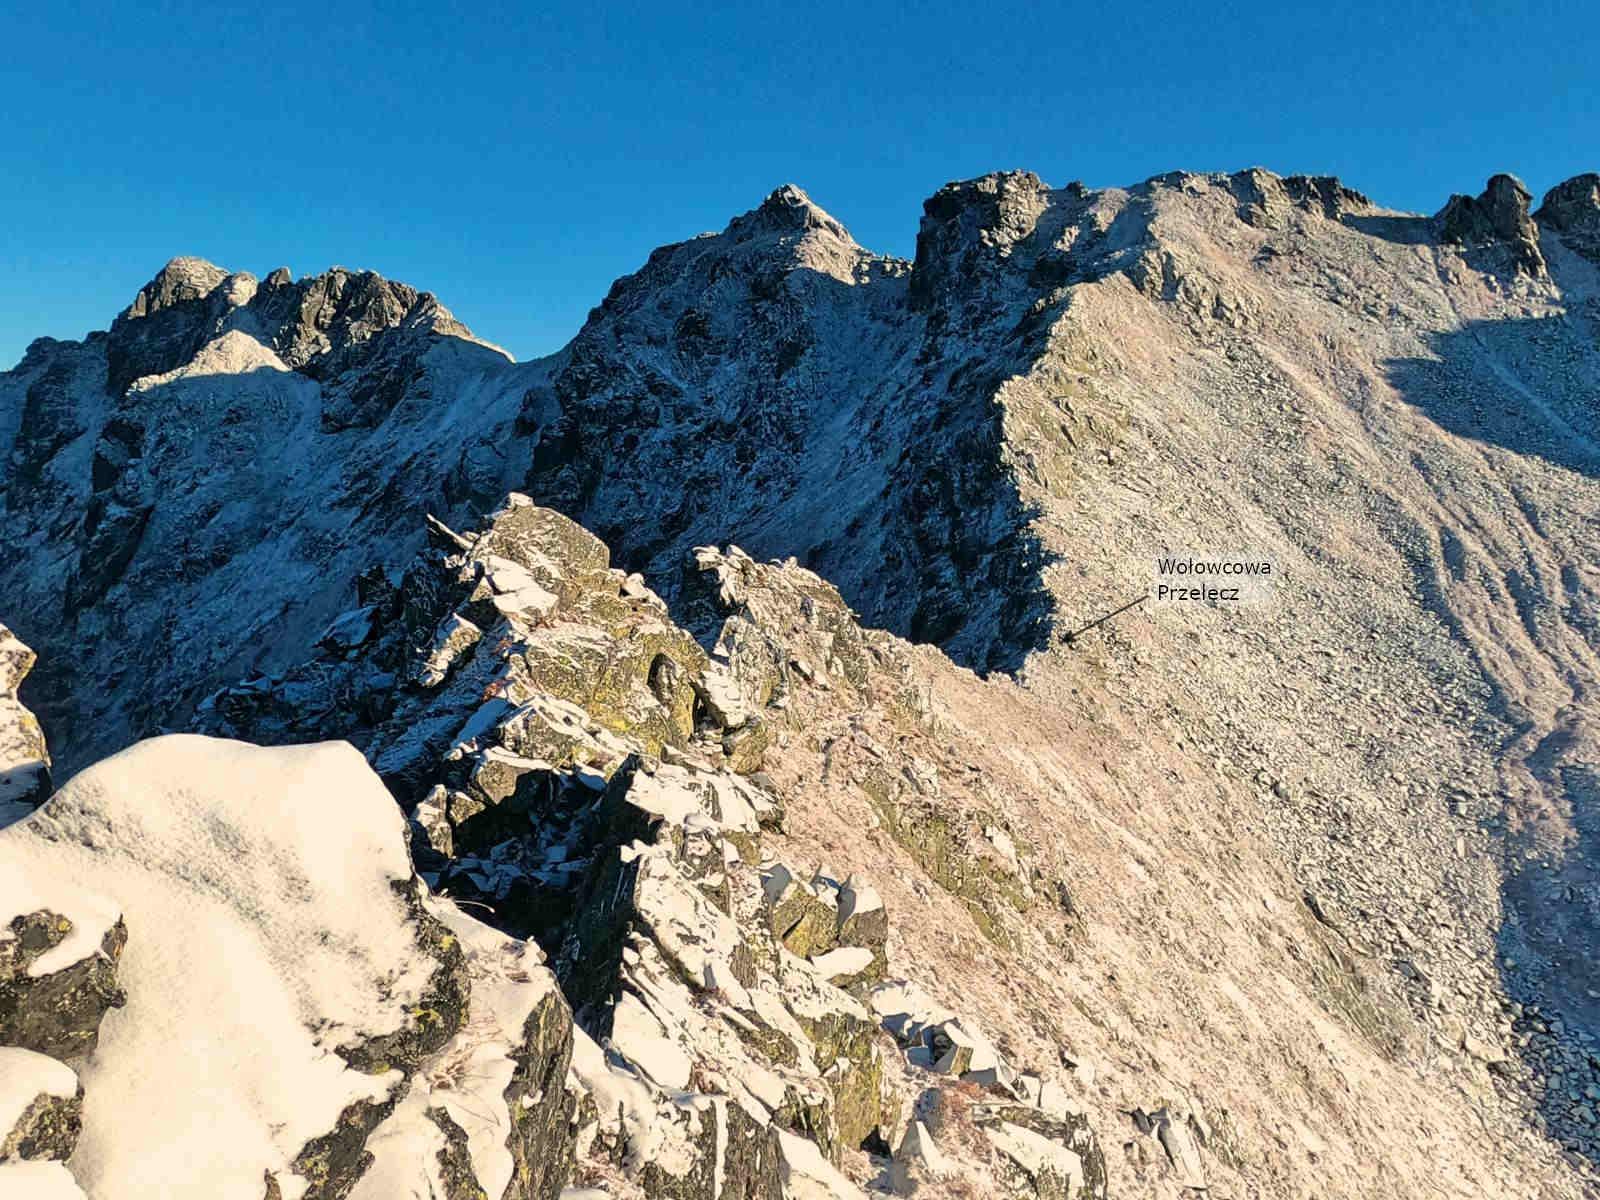 Zejście na Wołowcową Przełęcz